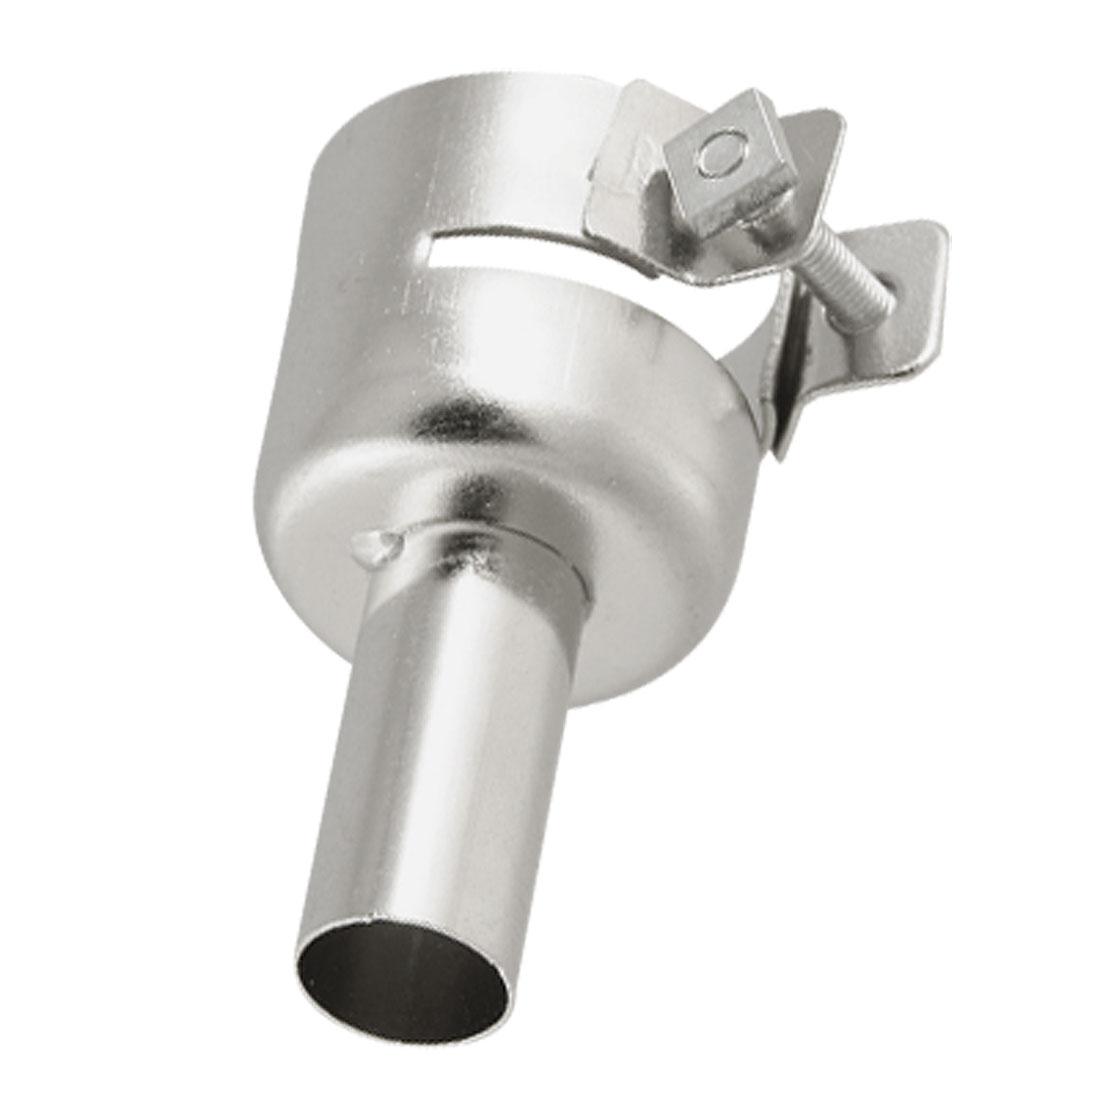 10mm Diameter Circular Metal Nozzle for 850 Hot Air Rework Station